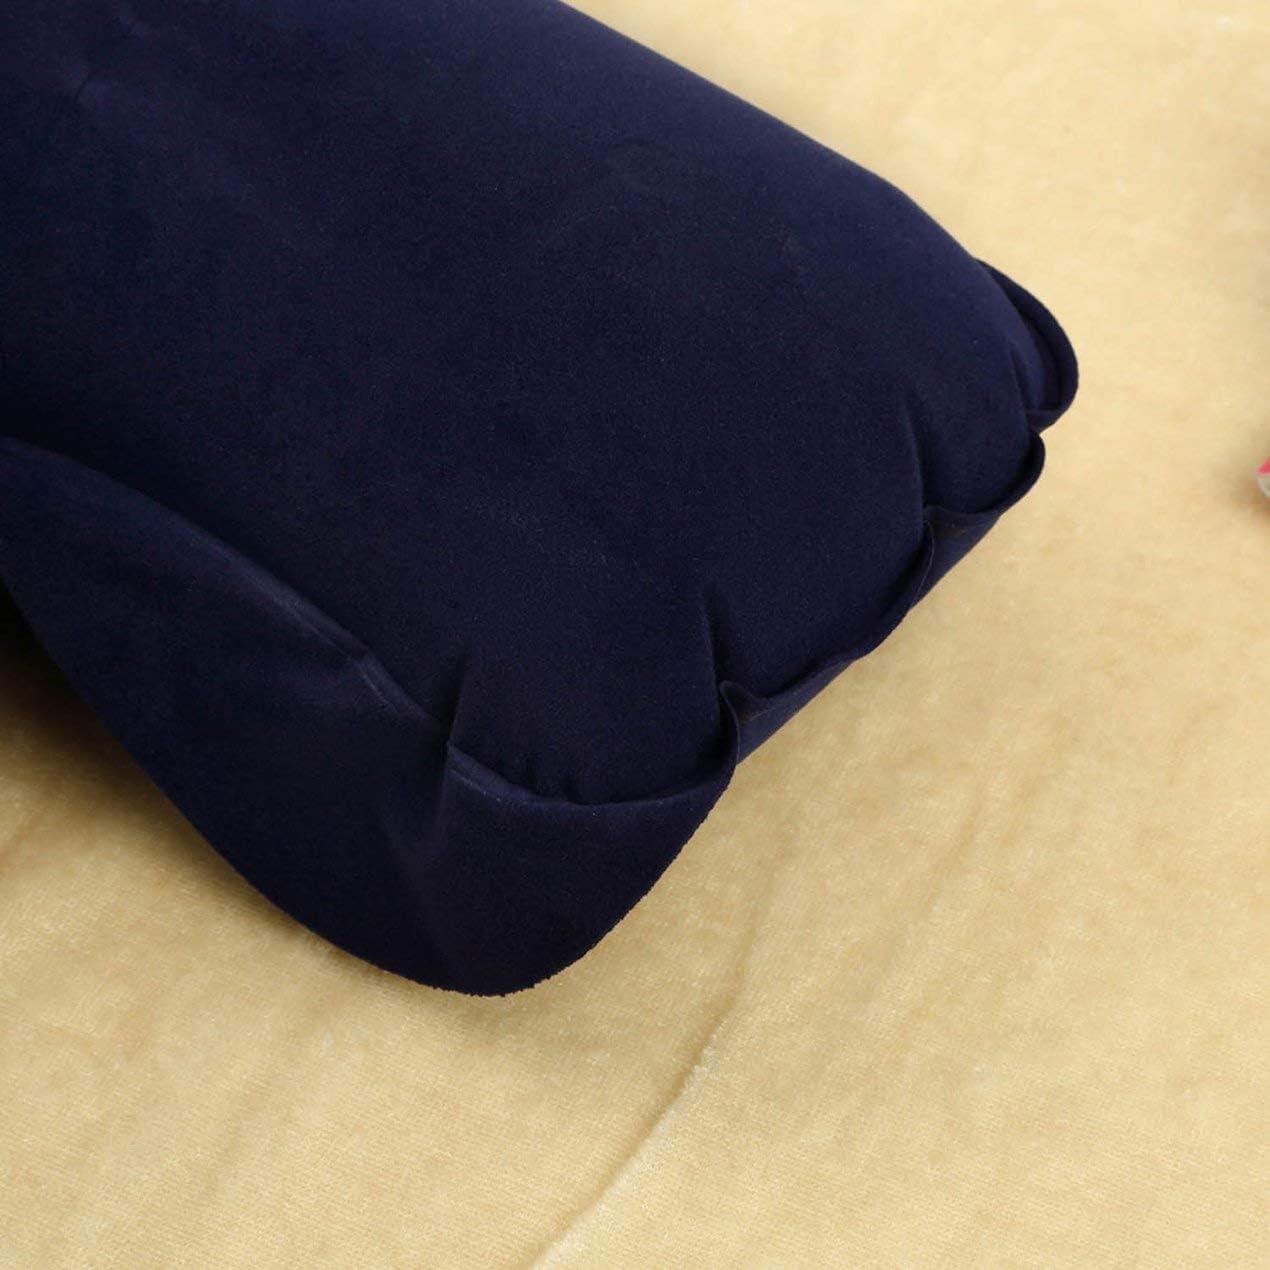 Almohada de Viaje Inflable Coj/ín de Aire Respaldo para el Cuello en Forma de U Avi/ón Compacto Vuelo Color Puro Coj/ín de Almohada de Descanso para el autom/óvil Cian